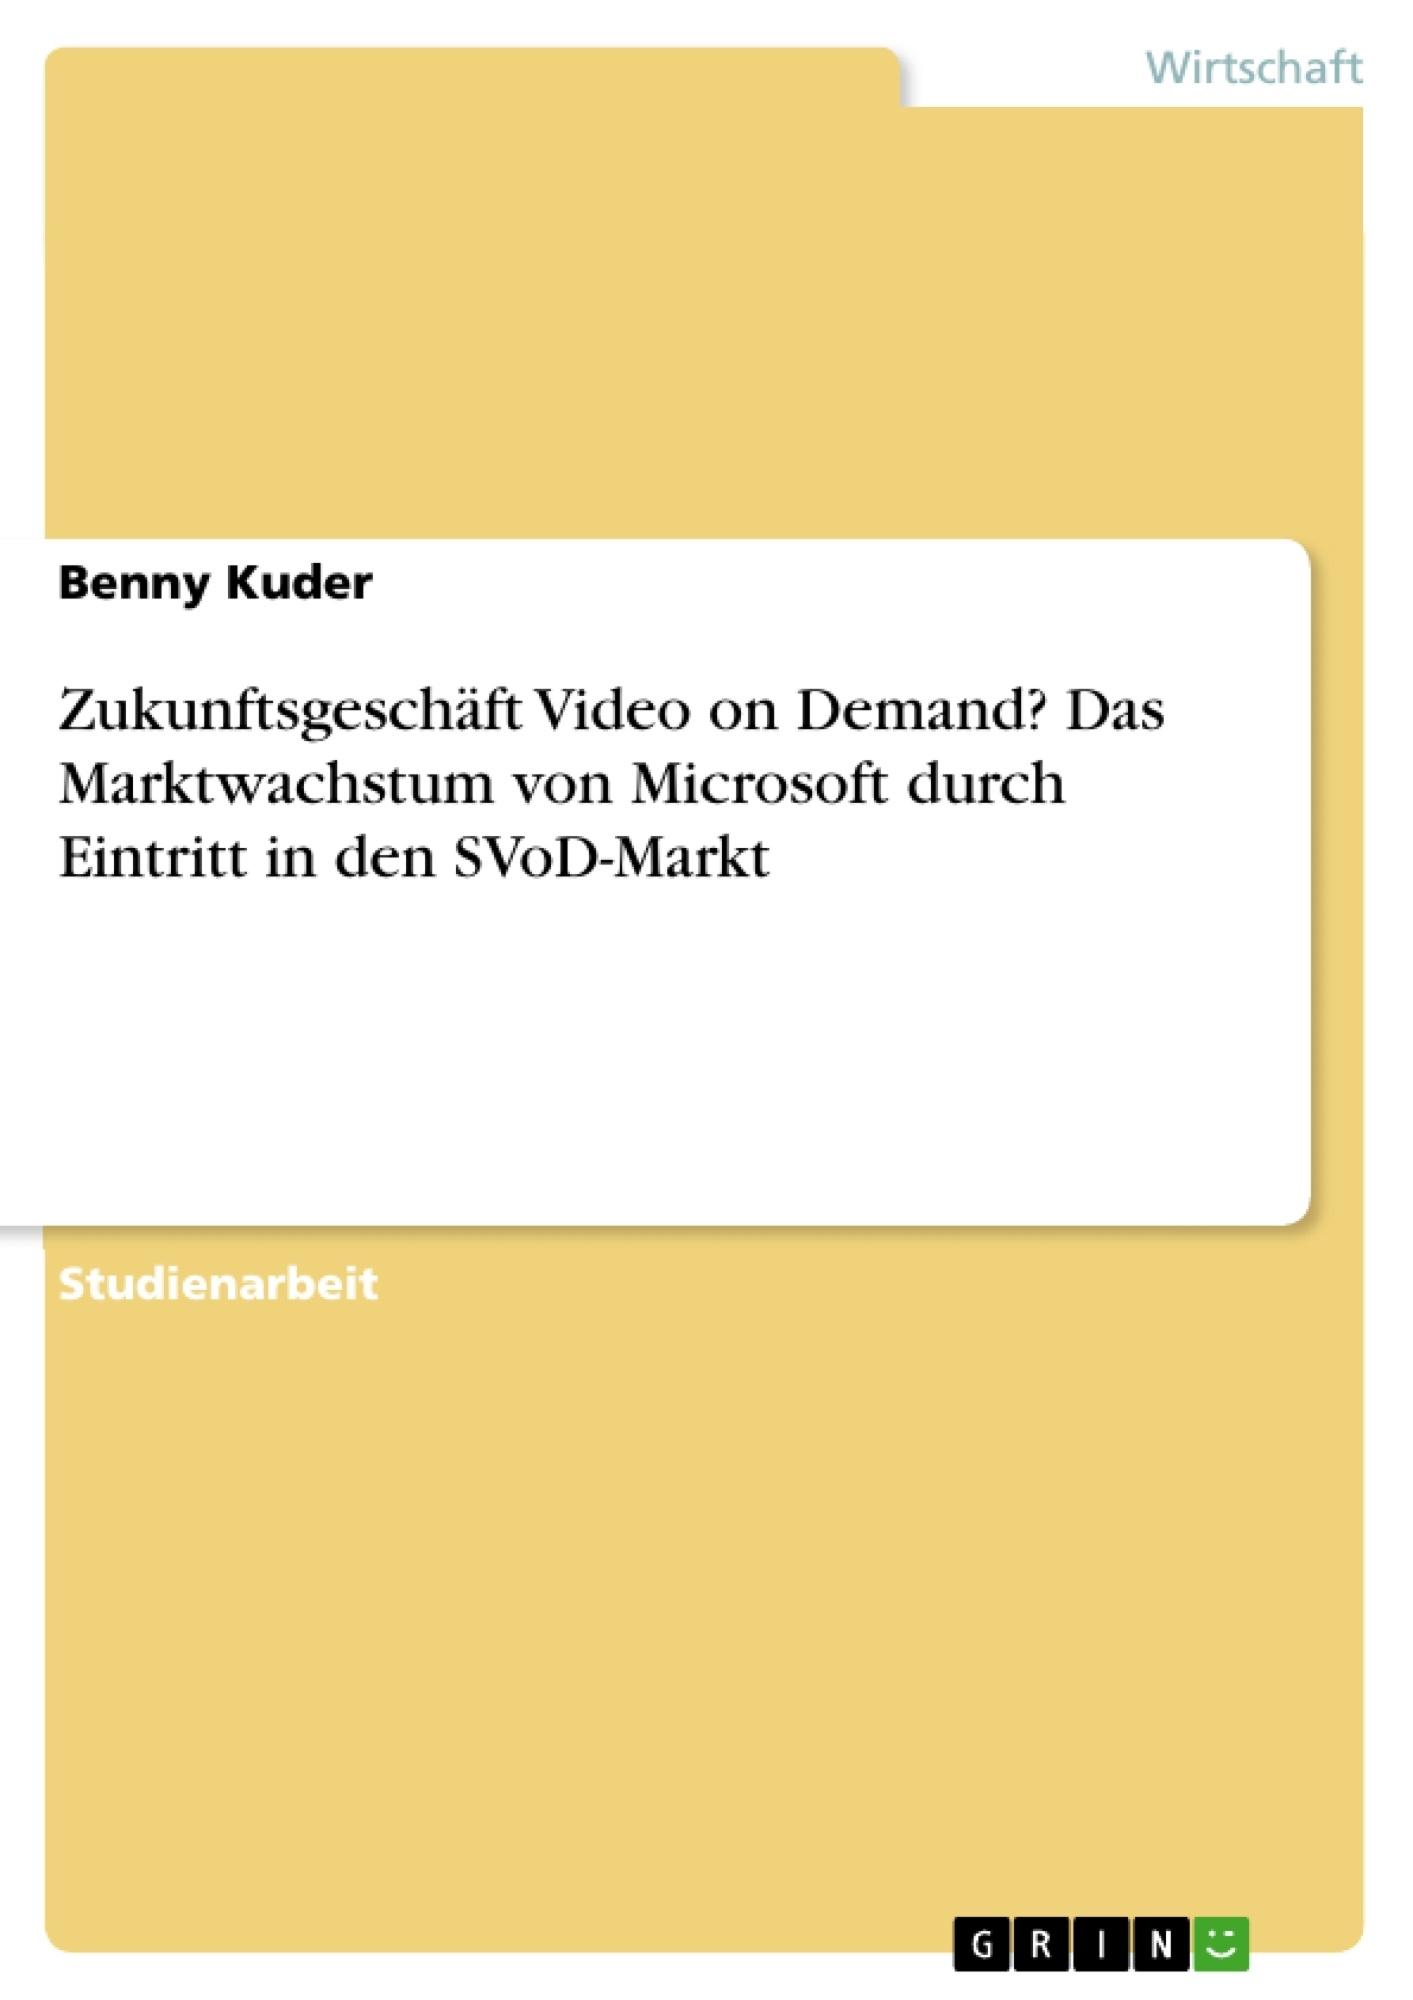 Titel: Zukunftsgeschäft Video on Demand? Das Marktwachstum von Microsoft durch Eintritt in den SVoD-Markt